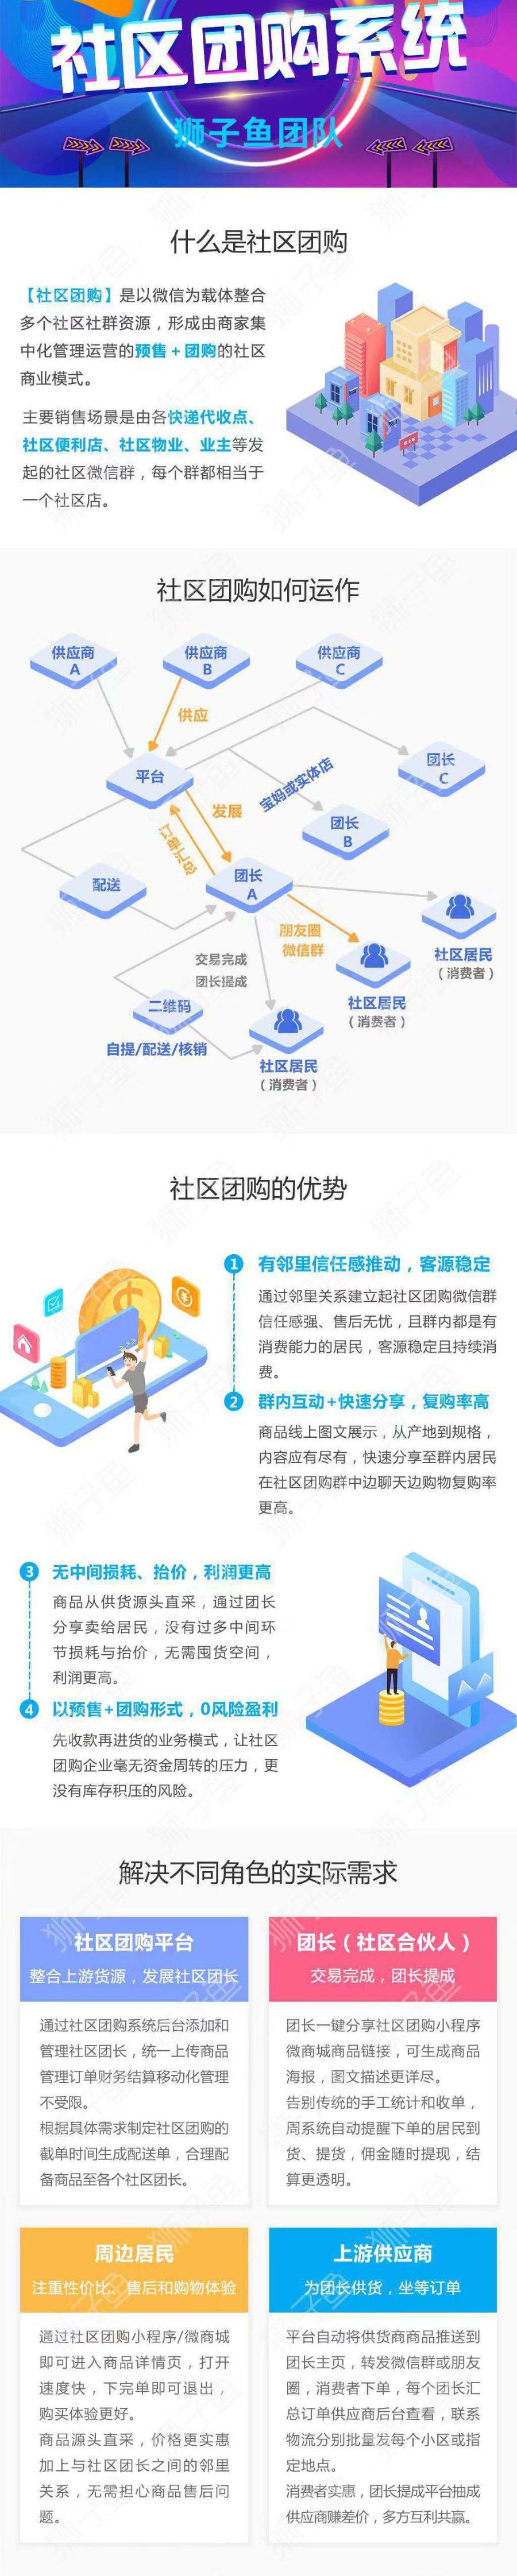 独立版狮子鱼社区团购小程序 12.8.0 提供安装升级图文教程+新版小程序前端